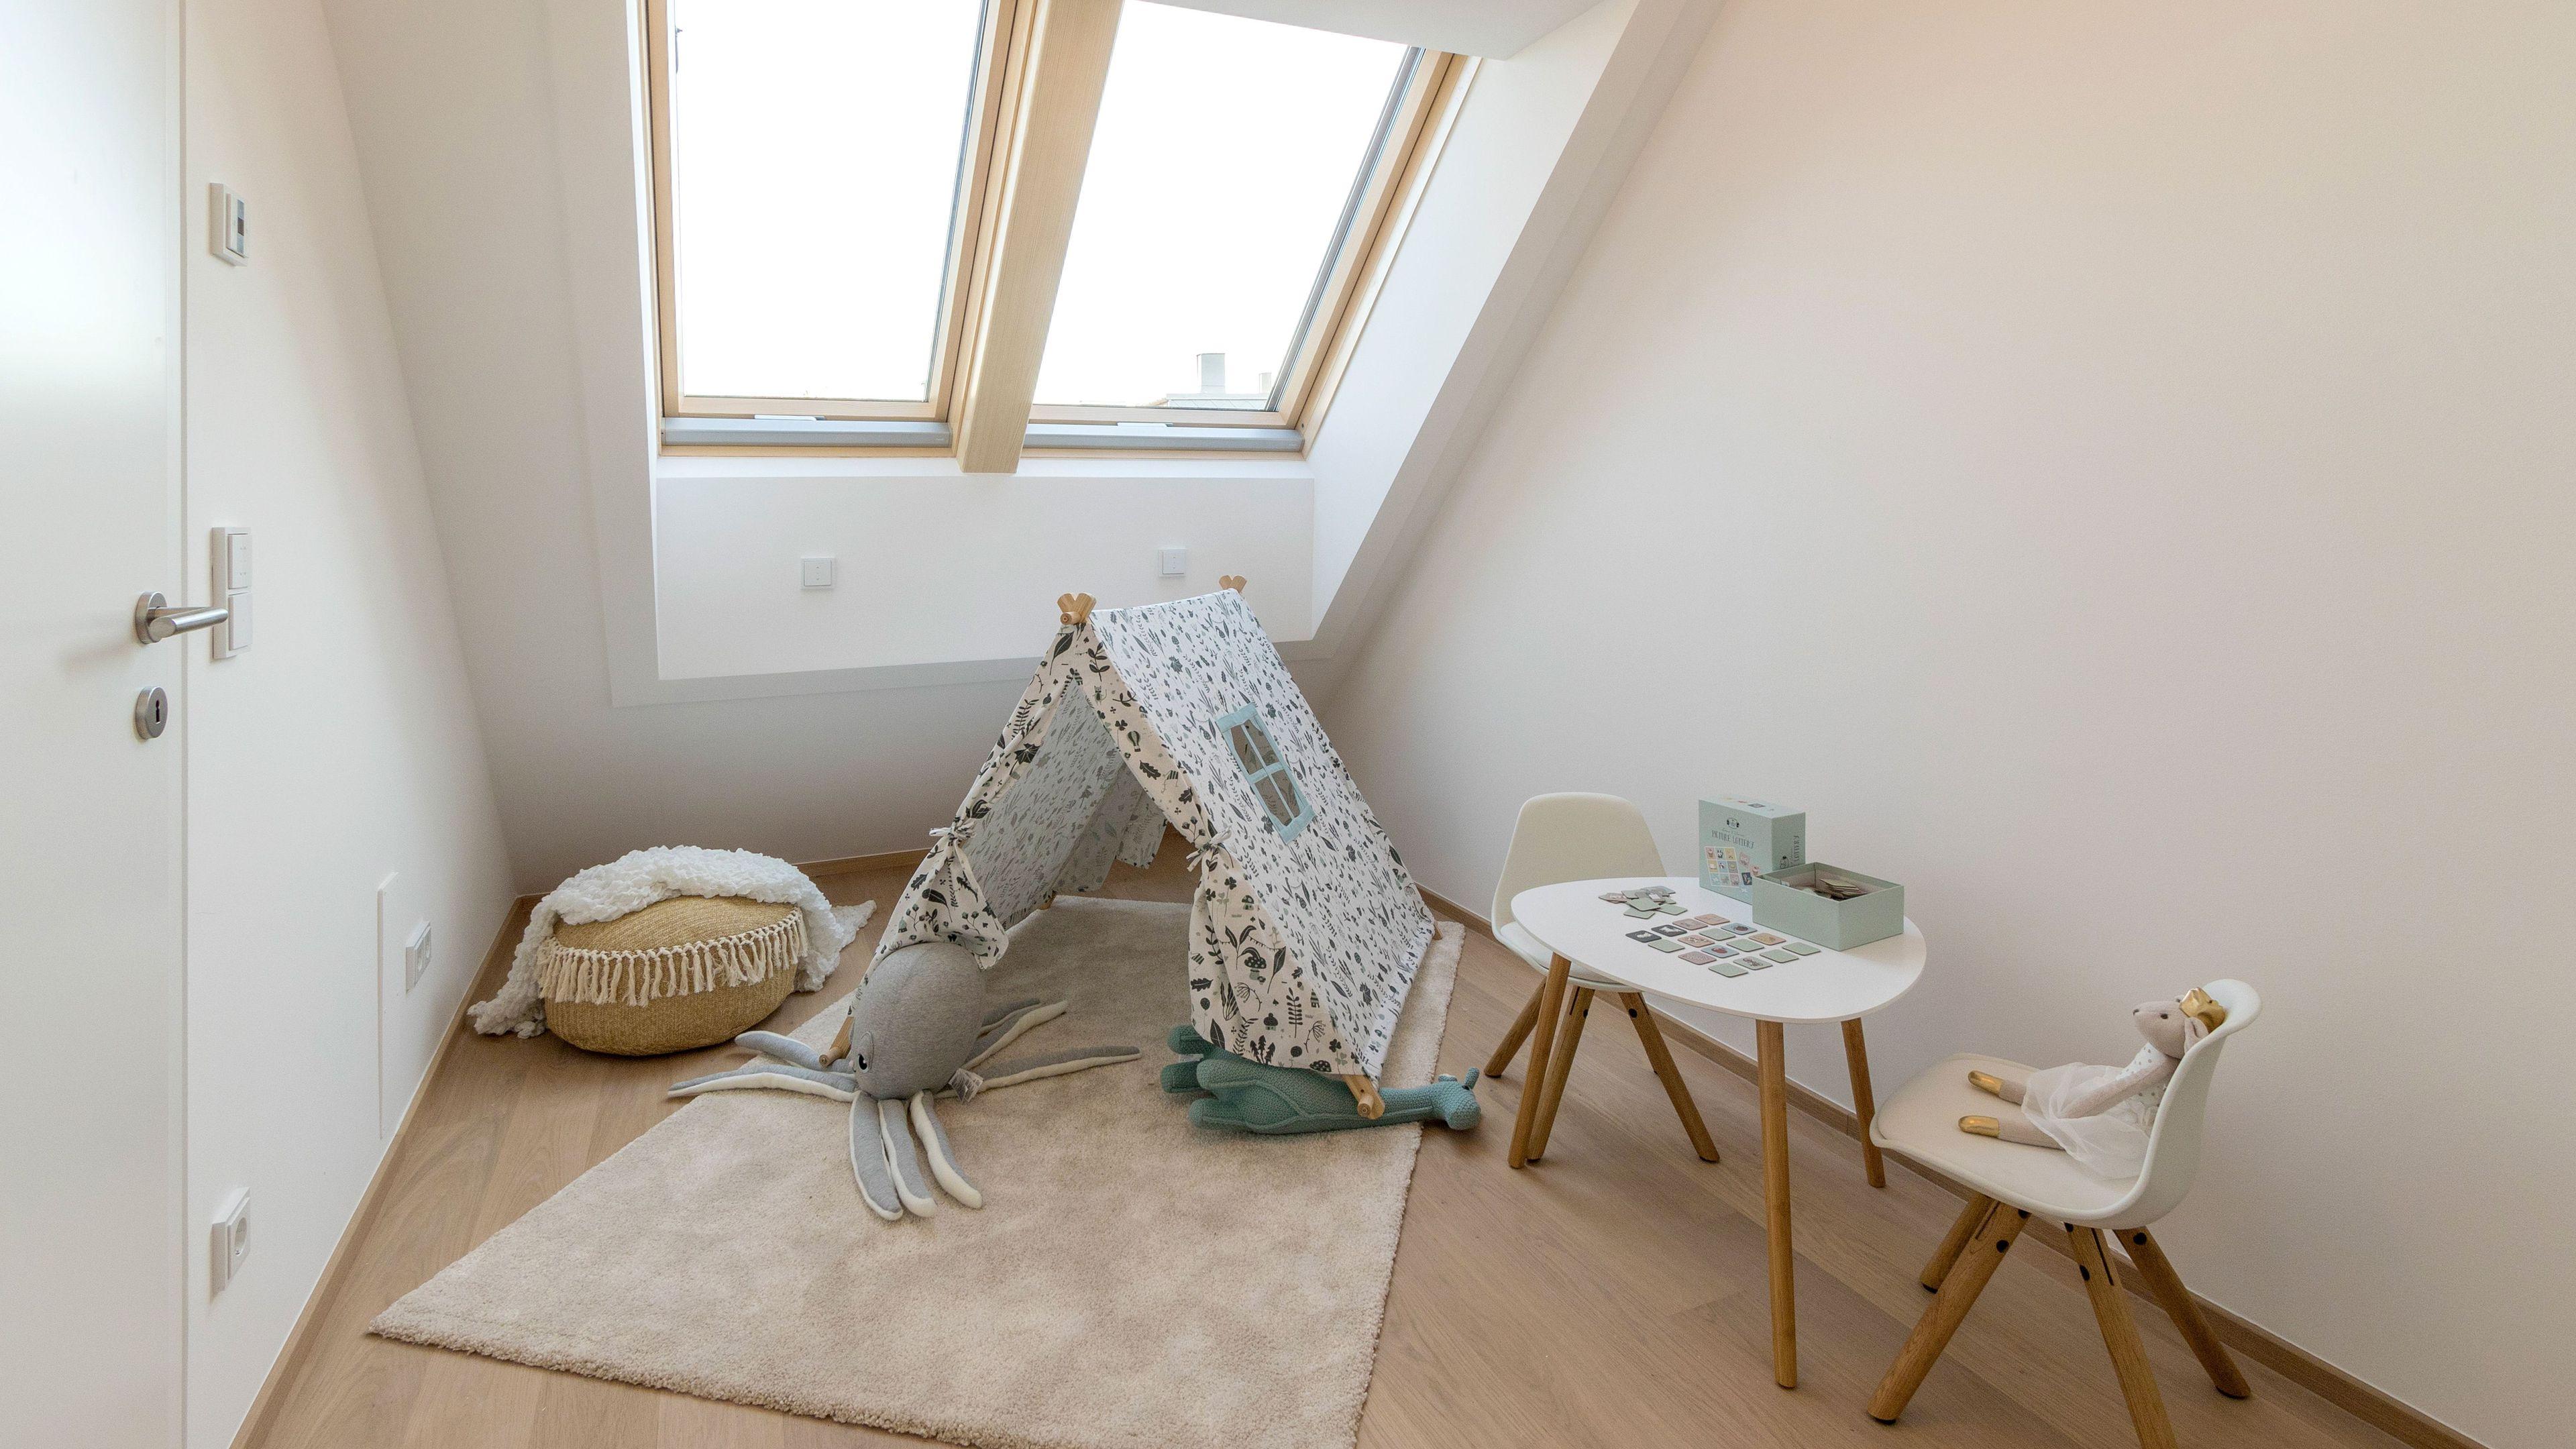 Hammerschmidtgasse 221 / Stiege 21 / TOP 21 / 212190 Wien   Quality Living